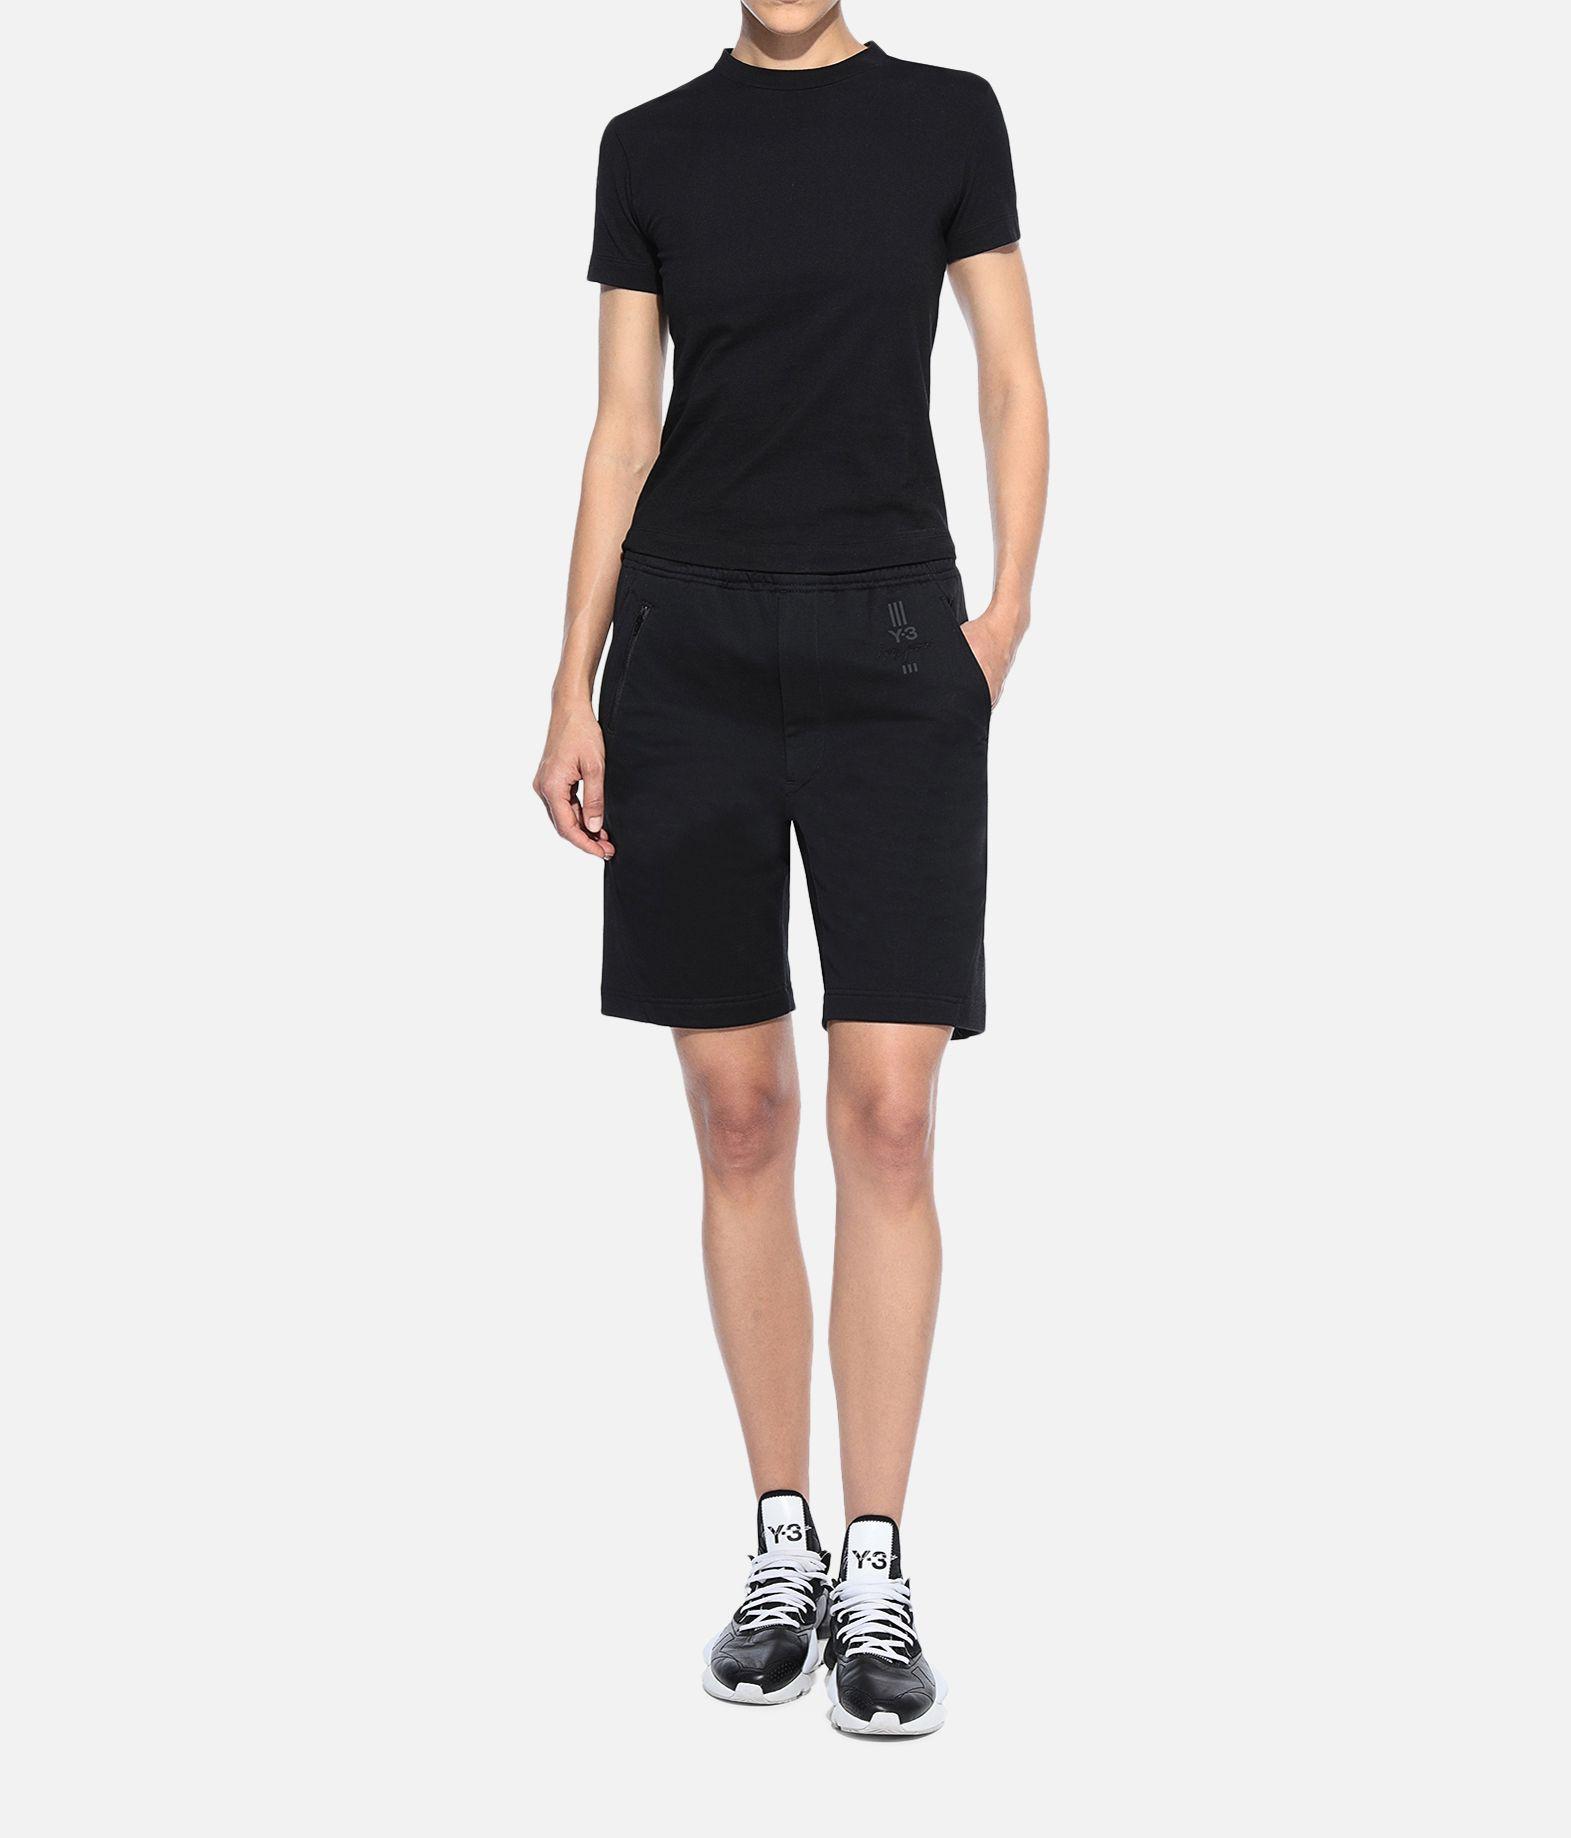 Y-3 Y-3 Classic Shorts Шорты Для Женщин a